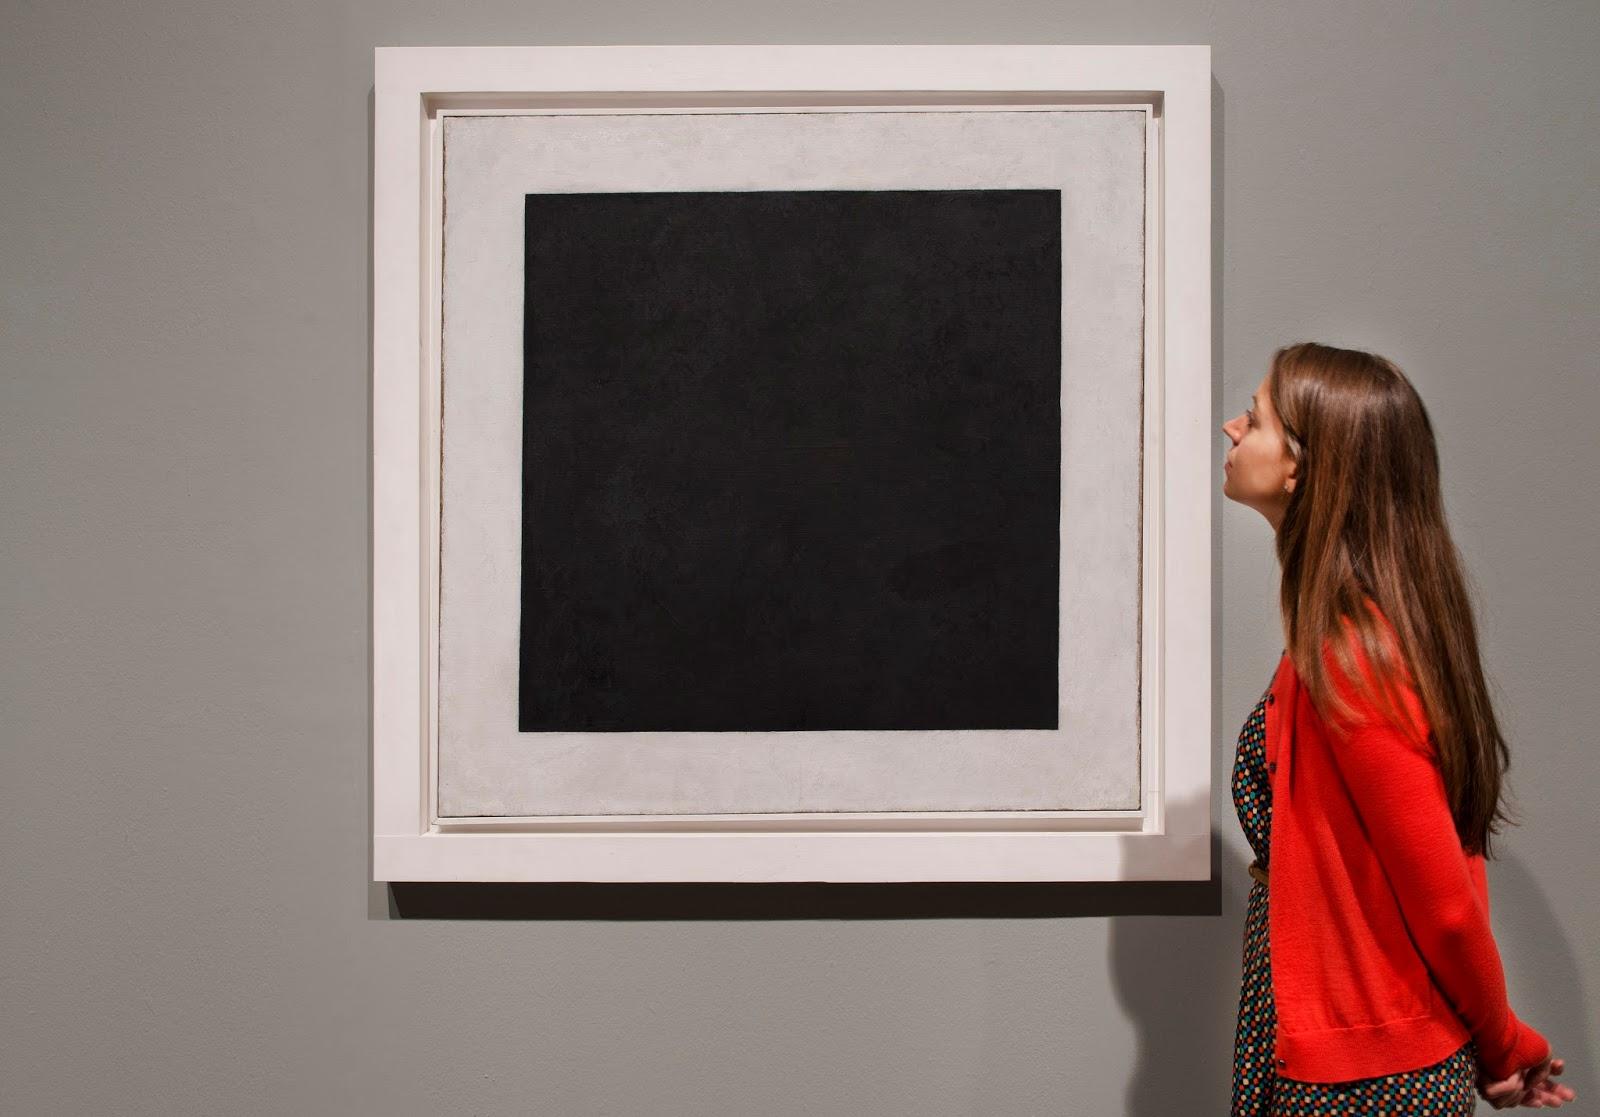 Вместо фотографии черный квадрат